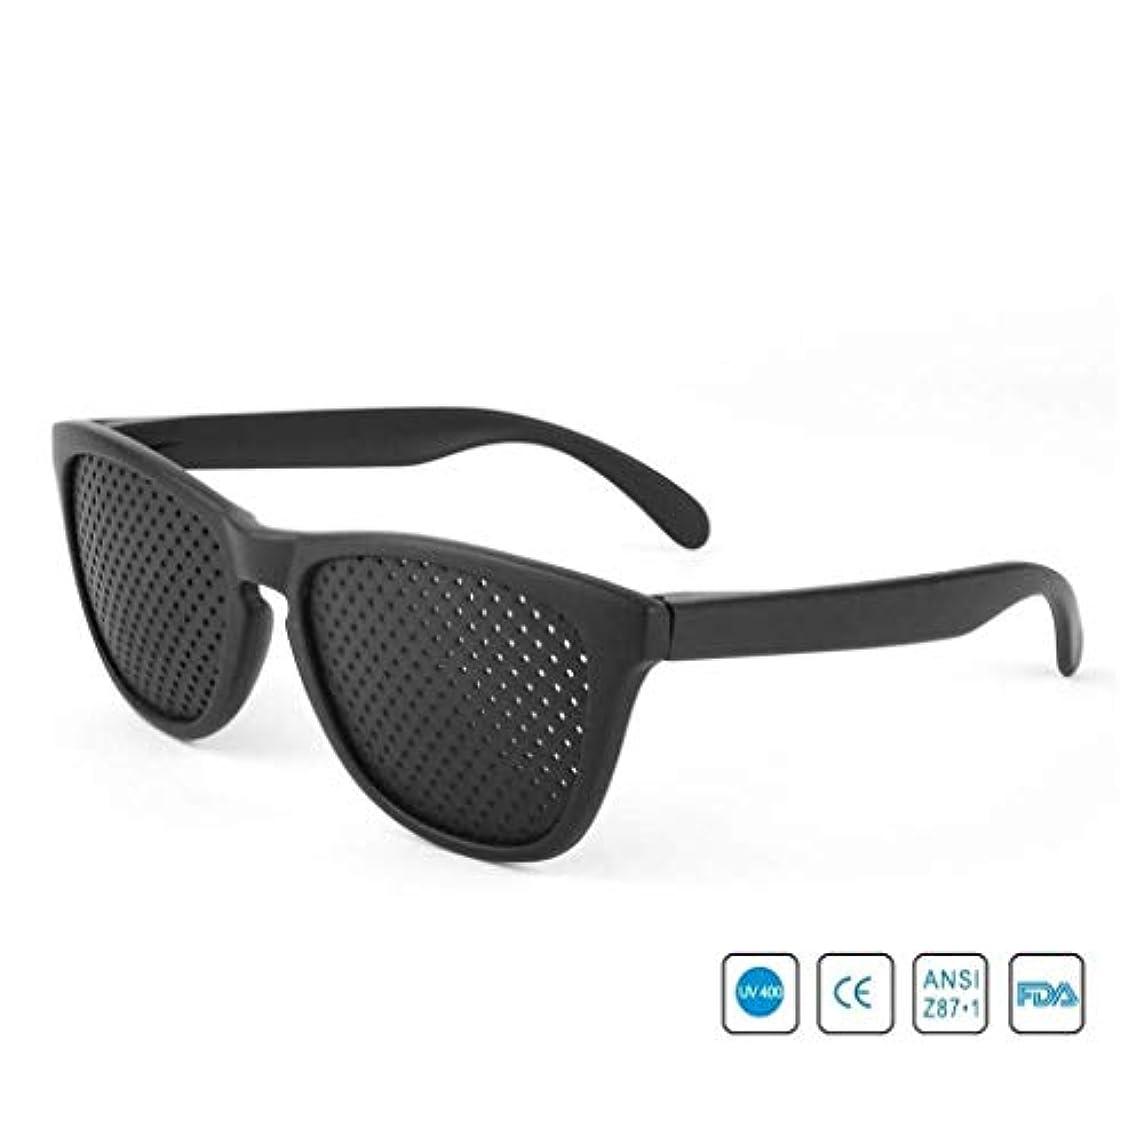 脱獄安定真珠のようなピンホールメガネ、アイズエクササイズアイサイトビジョンメガネの改善ビジョンケアメガネ近視の防止メガネの改善